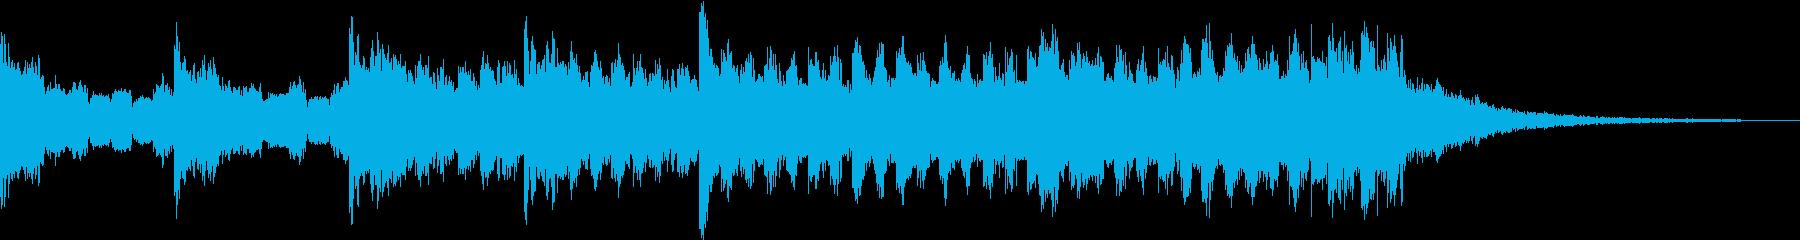 近未来、革新的テーマEDM。CMやPV用の再生済みの波形